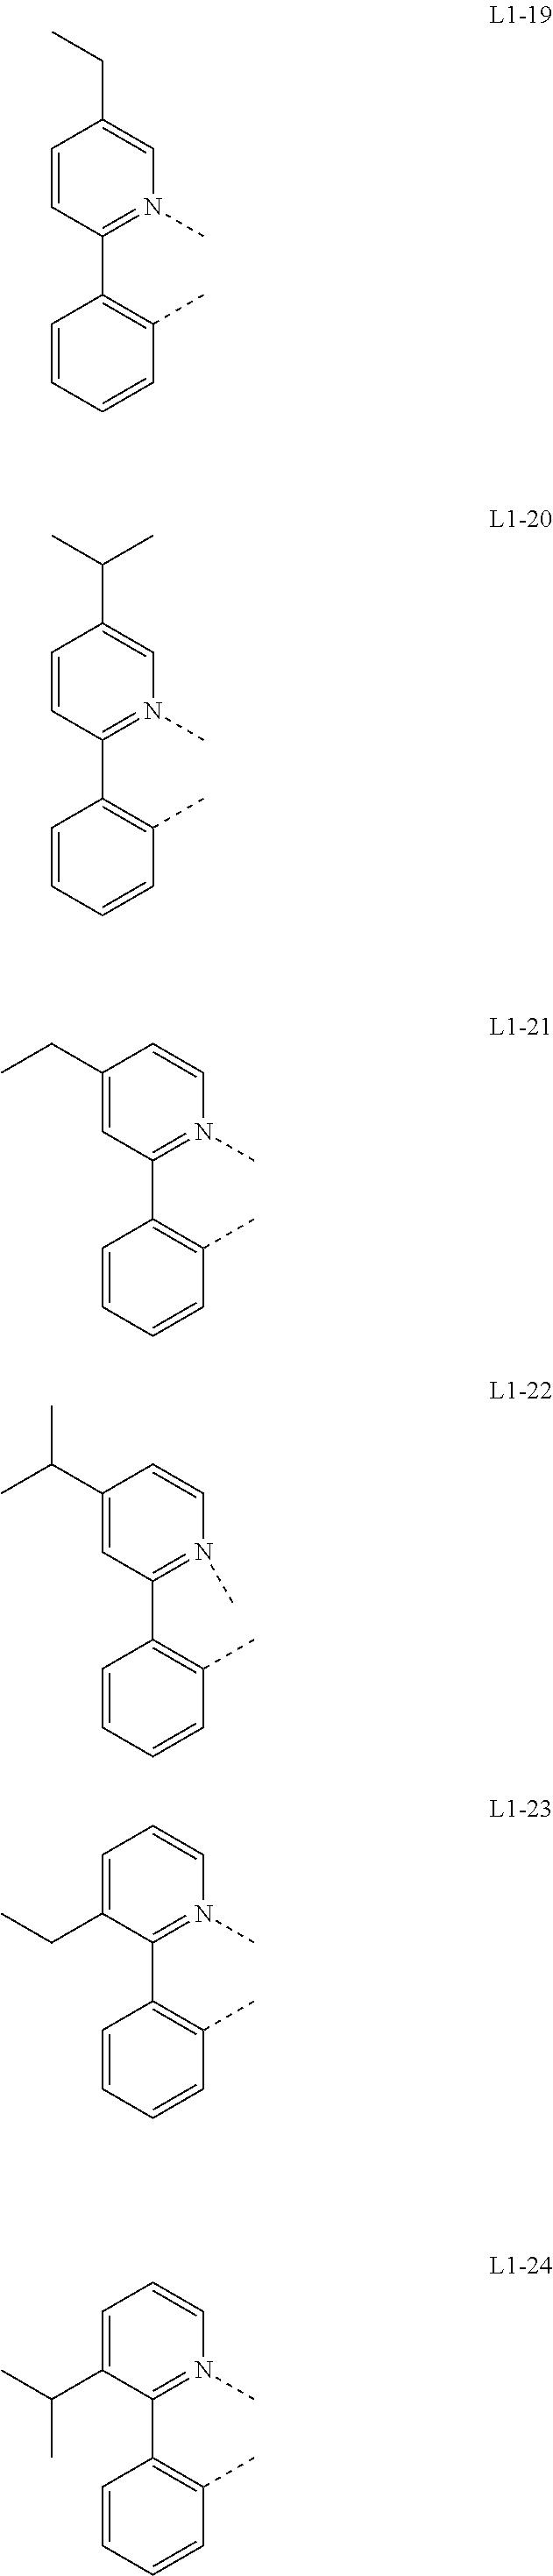 Figure US10074806-20180911-C00046